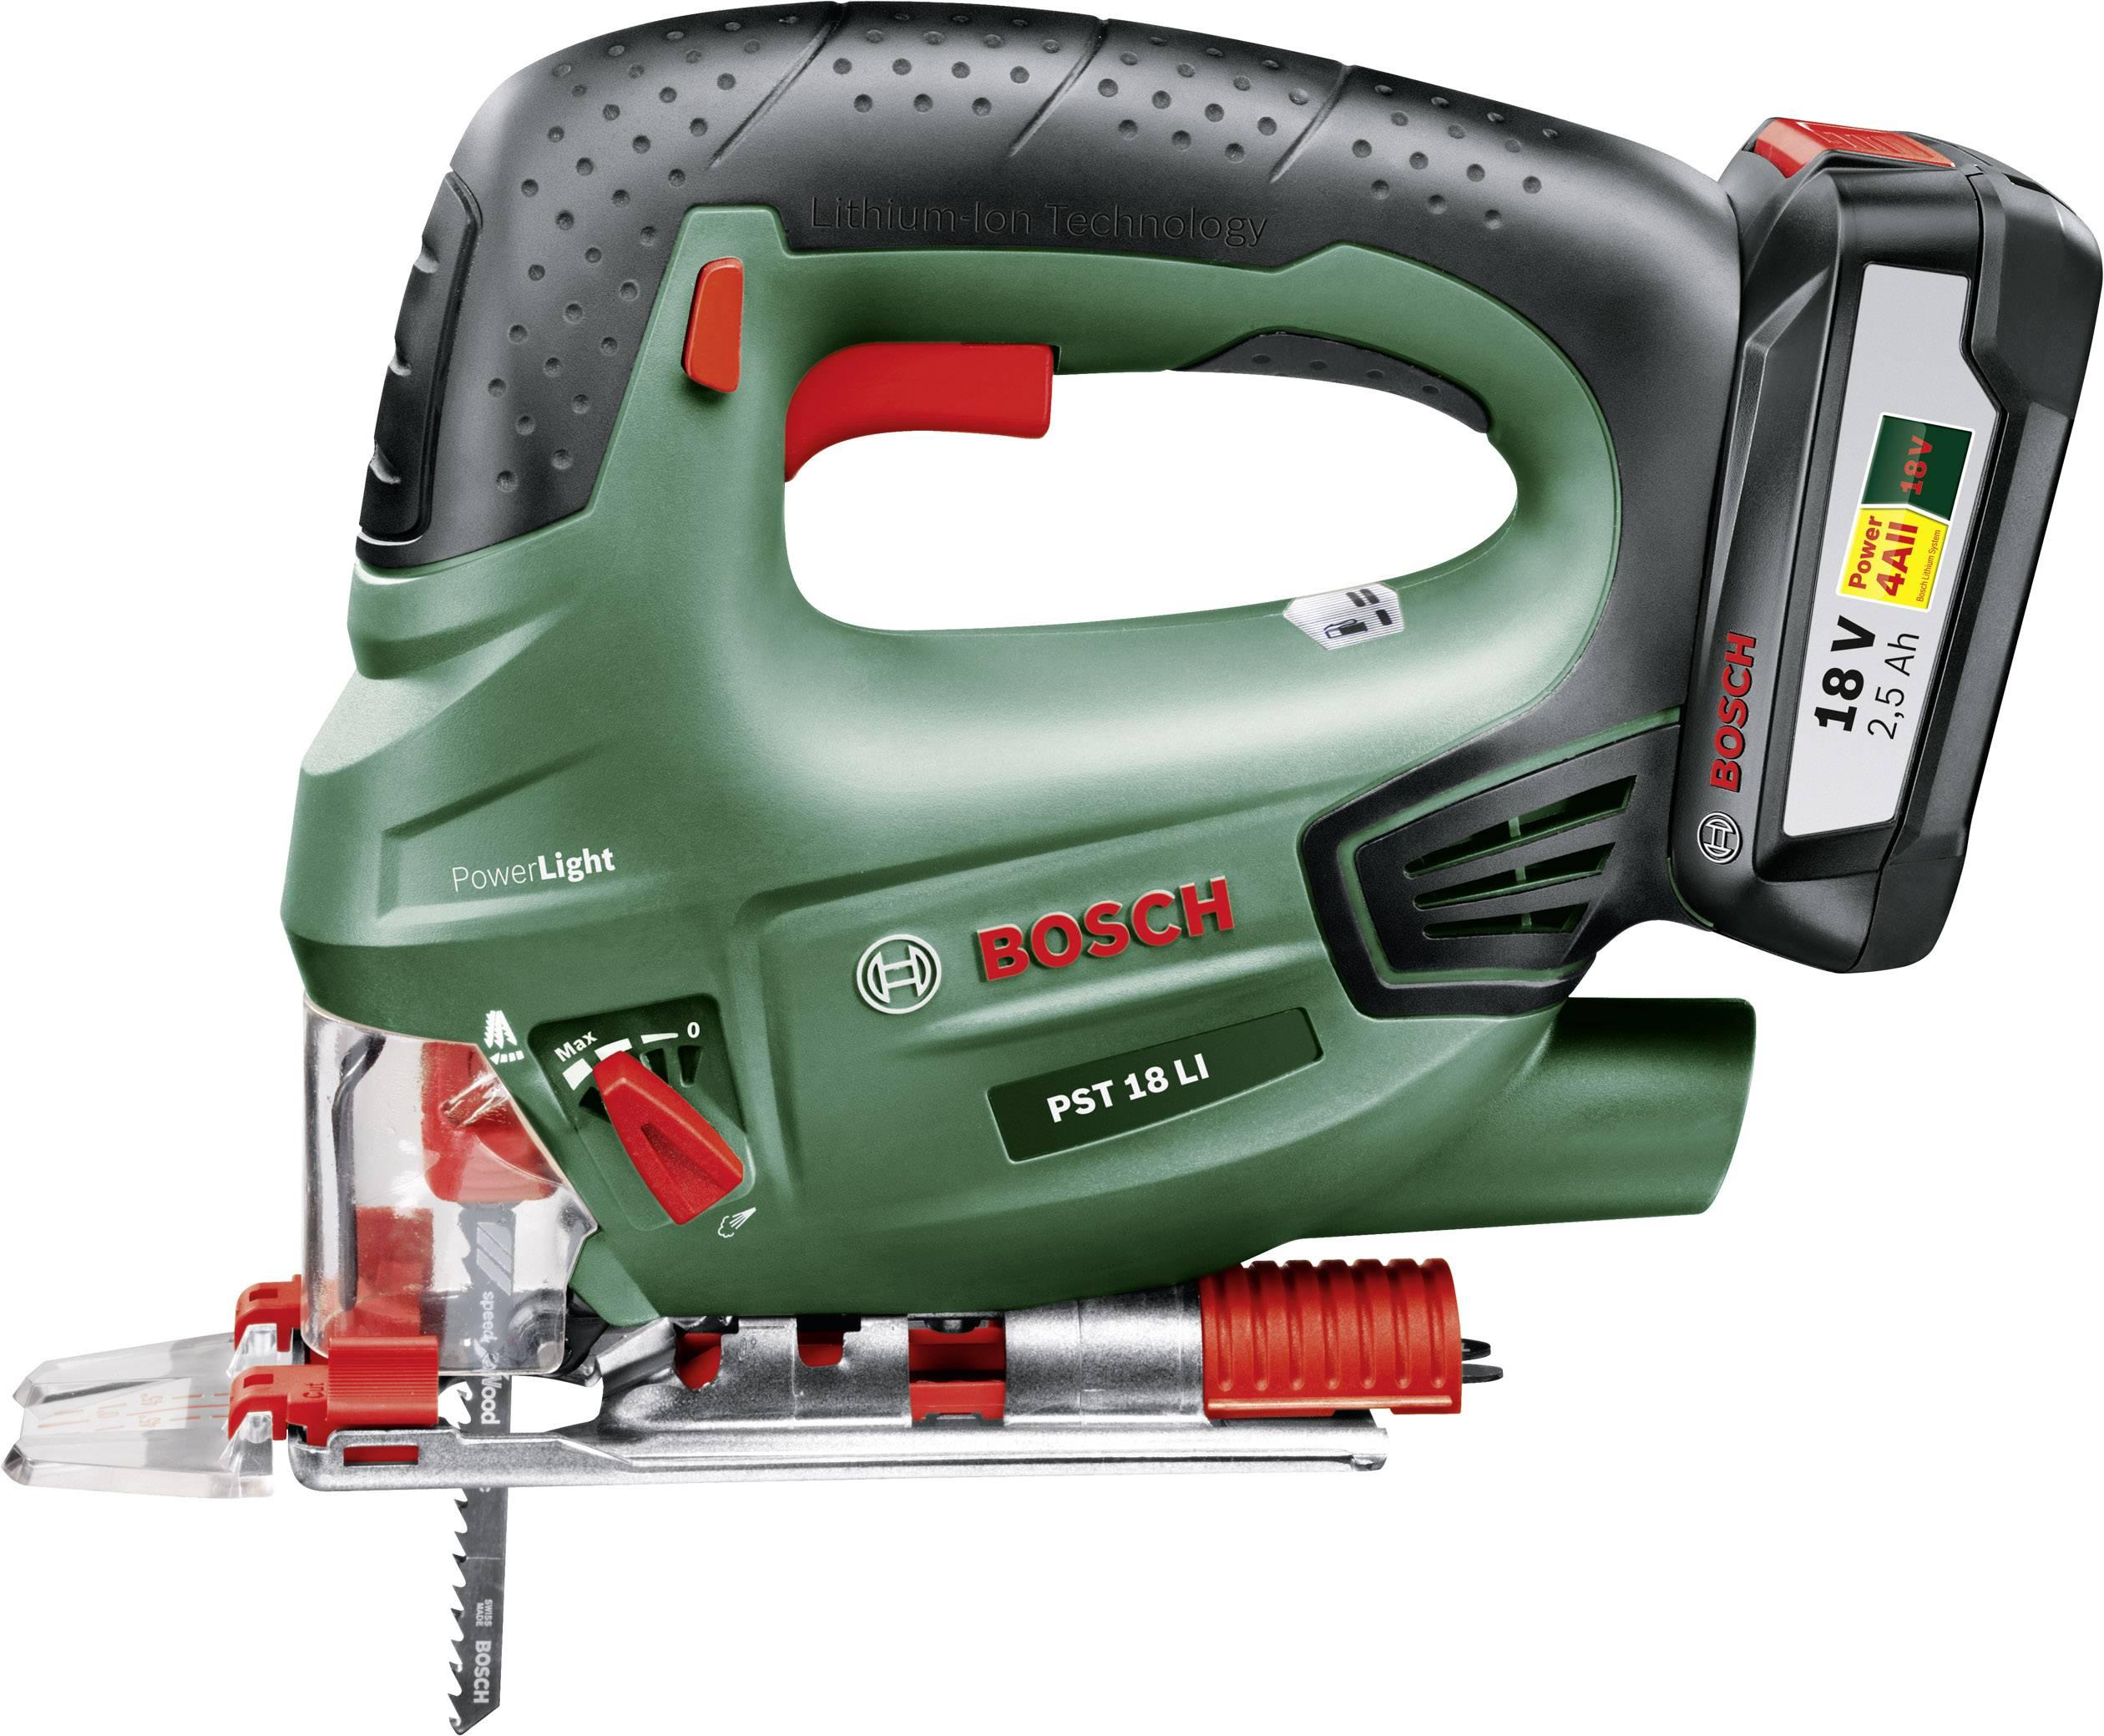 416e537d27019 Bosch Home and Garden PST 18 LI Scie sauteuse pendulaire sans fil +  batterie